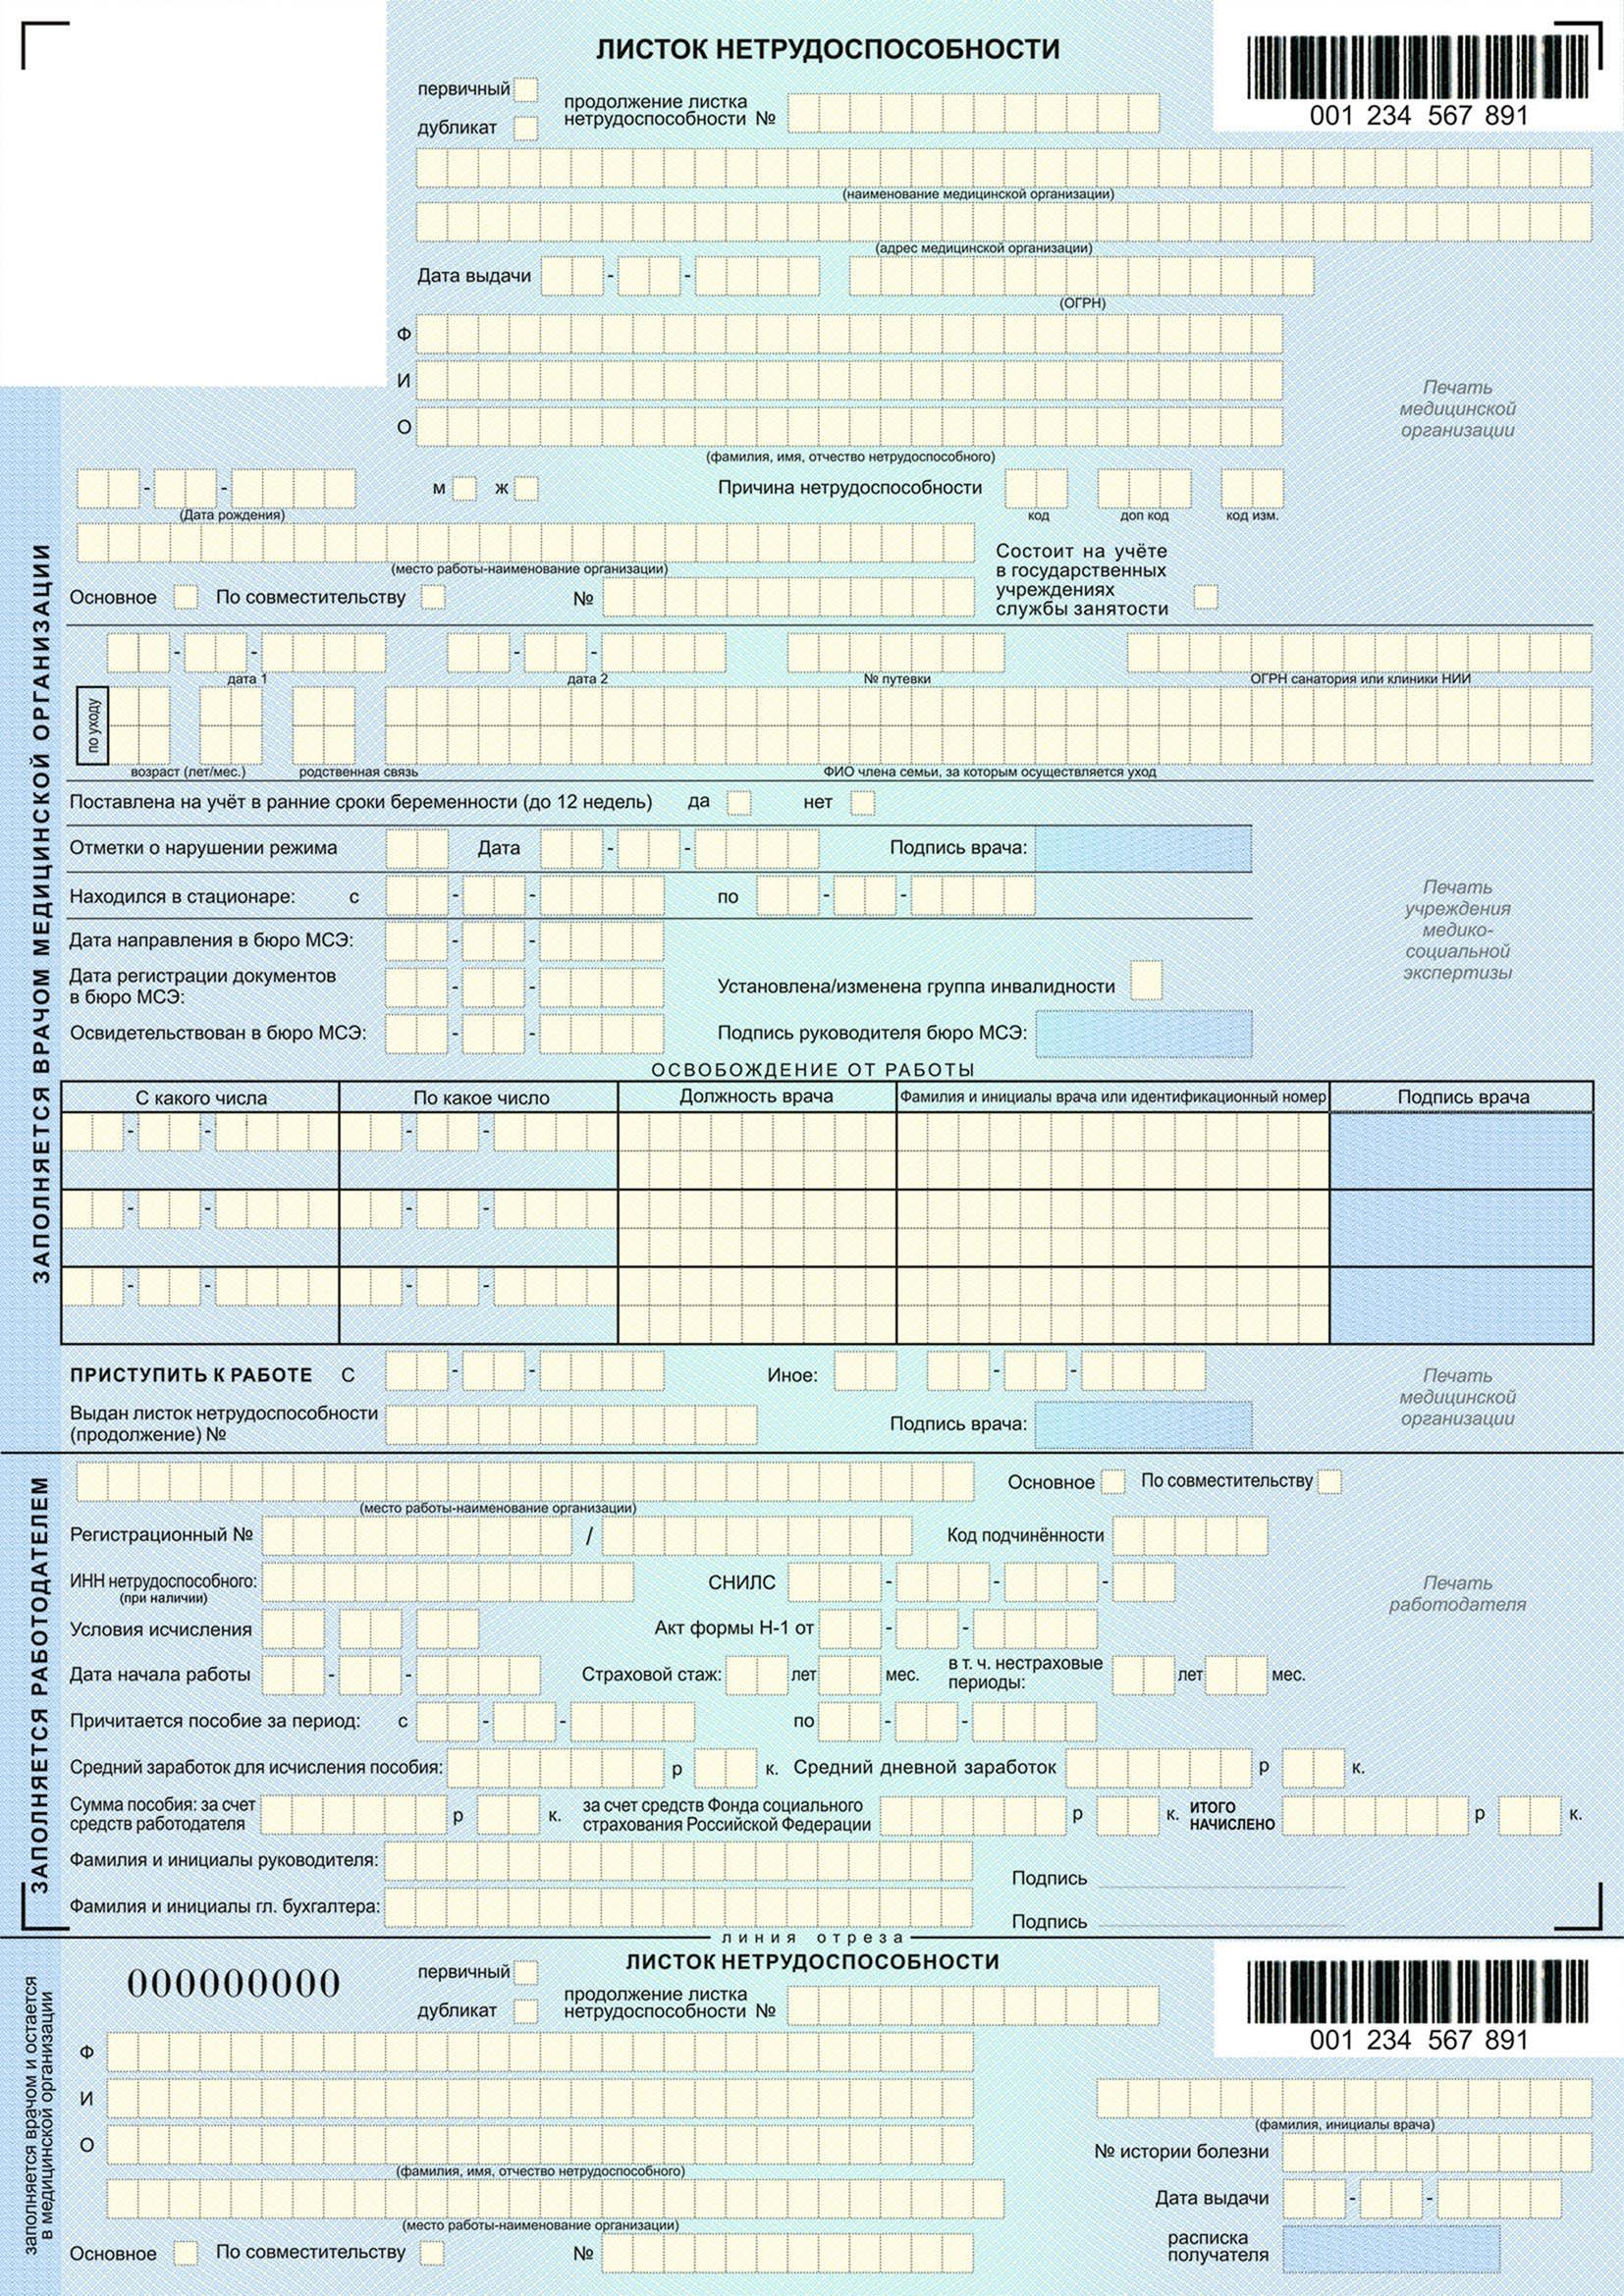 Правила оформления листка нетрудоспособности: сведения о диагнозе